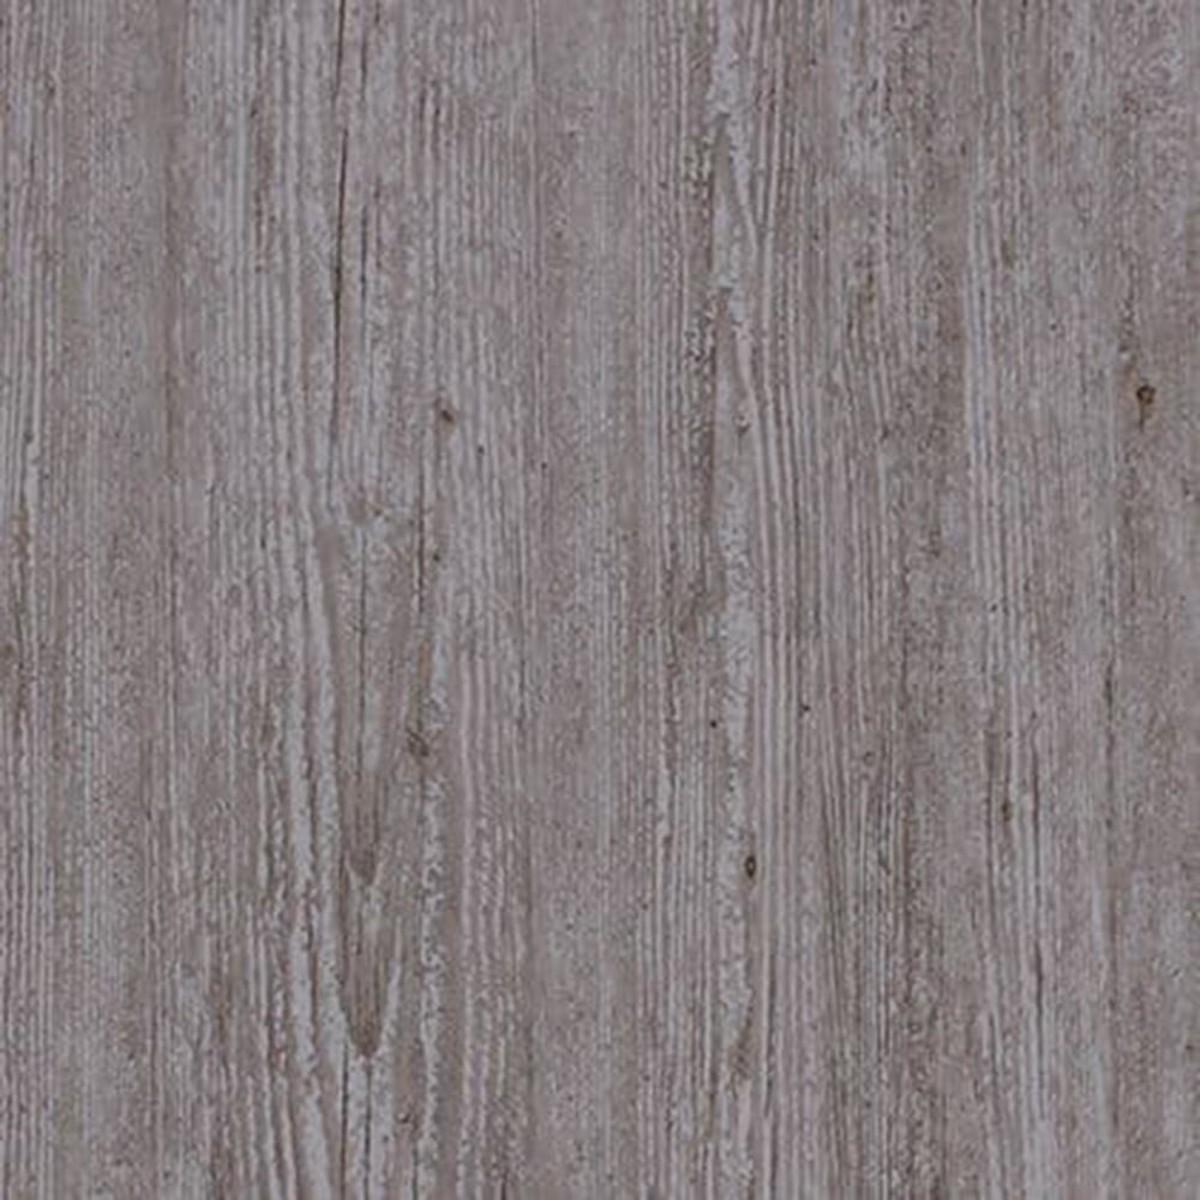 Обои флизелиновые Did Beaux Arts серые 0.53 м SD503021